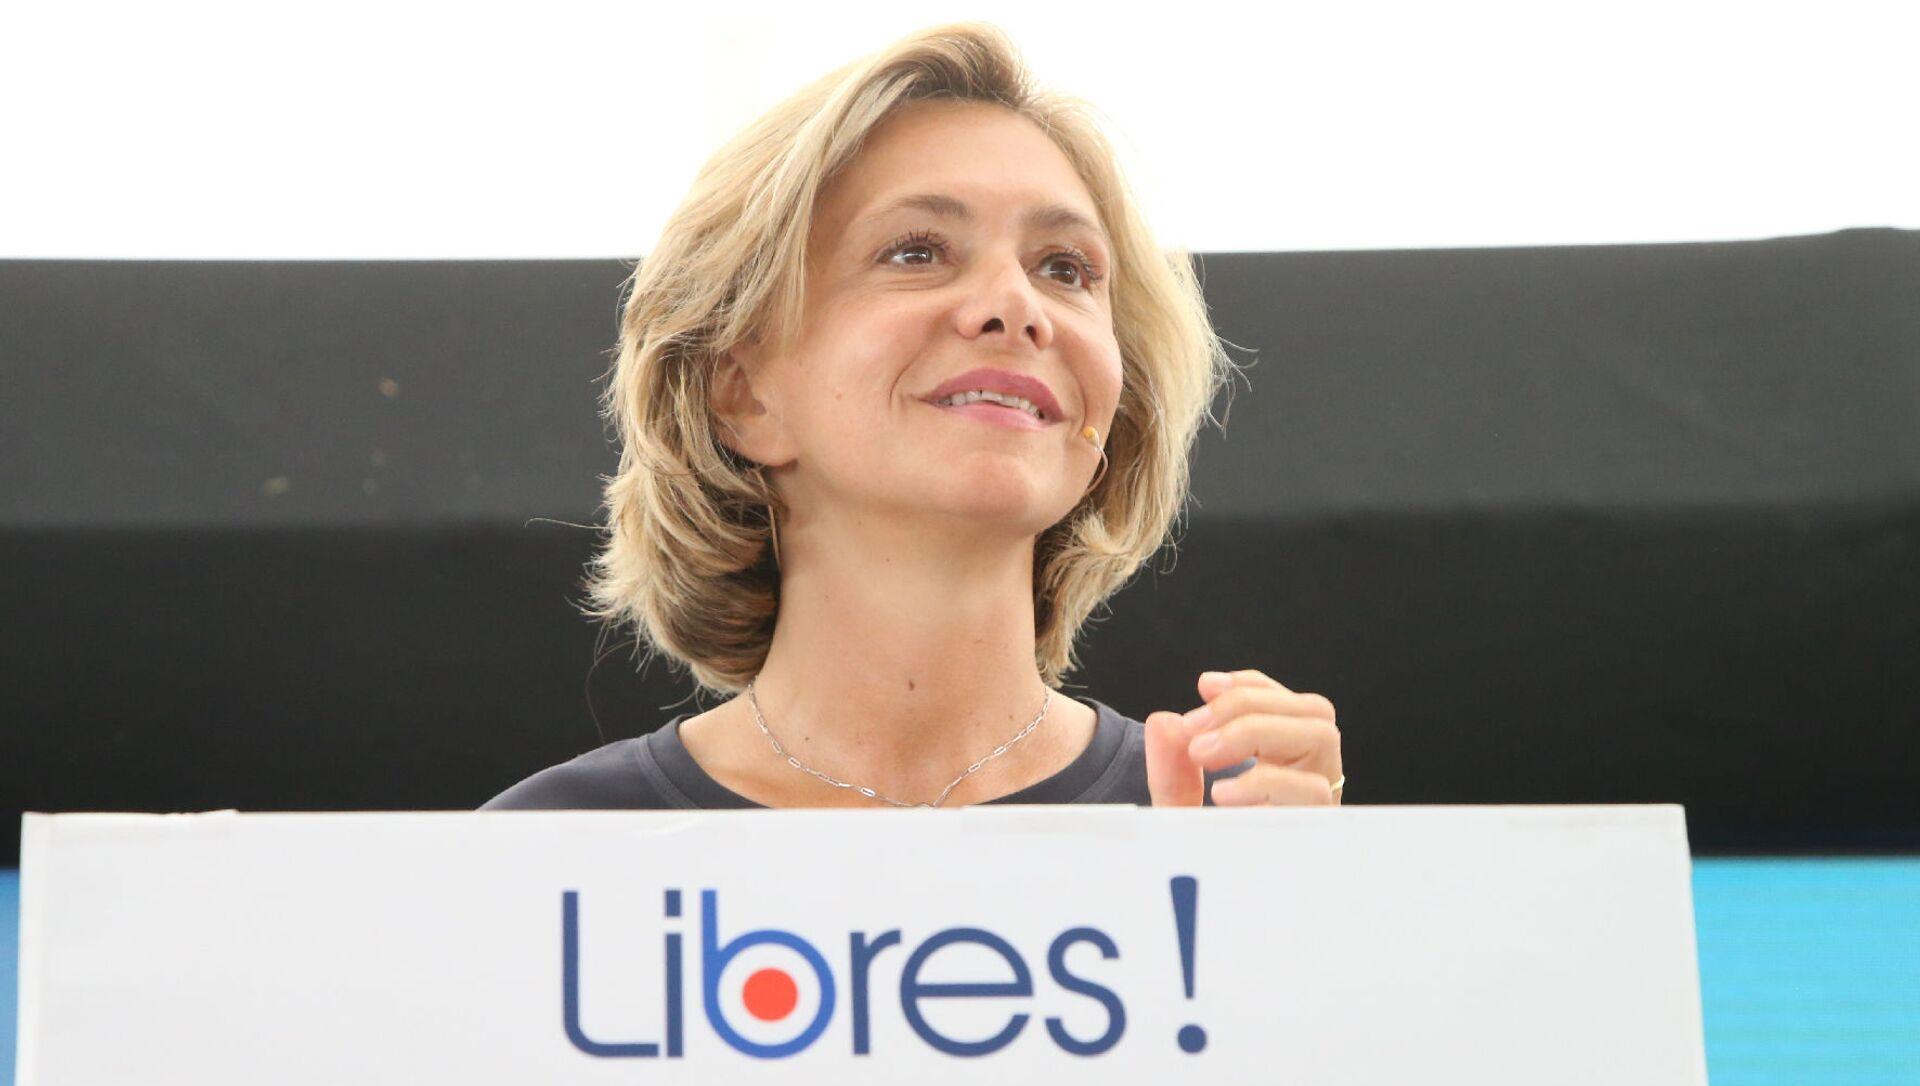 Valérie Pécresse, présidente de la région Ile-de-France, fondatrice du parti Libres! - Sputnik France, 1920, 07.06.2021